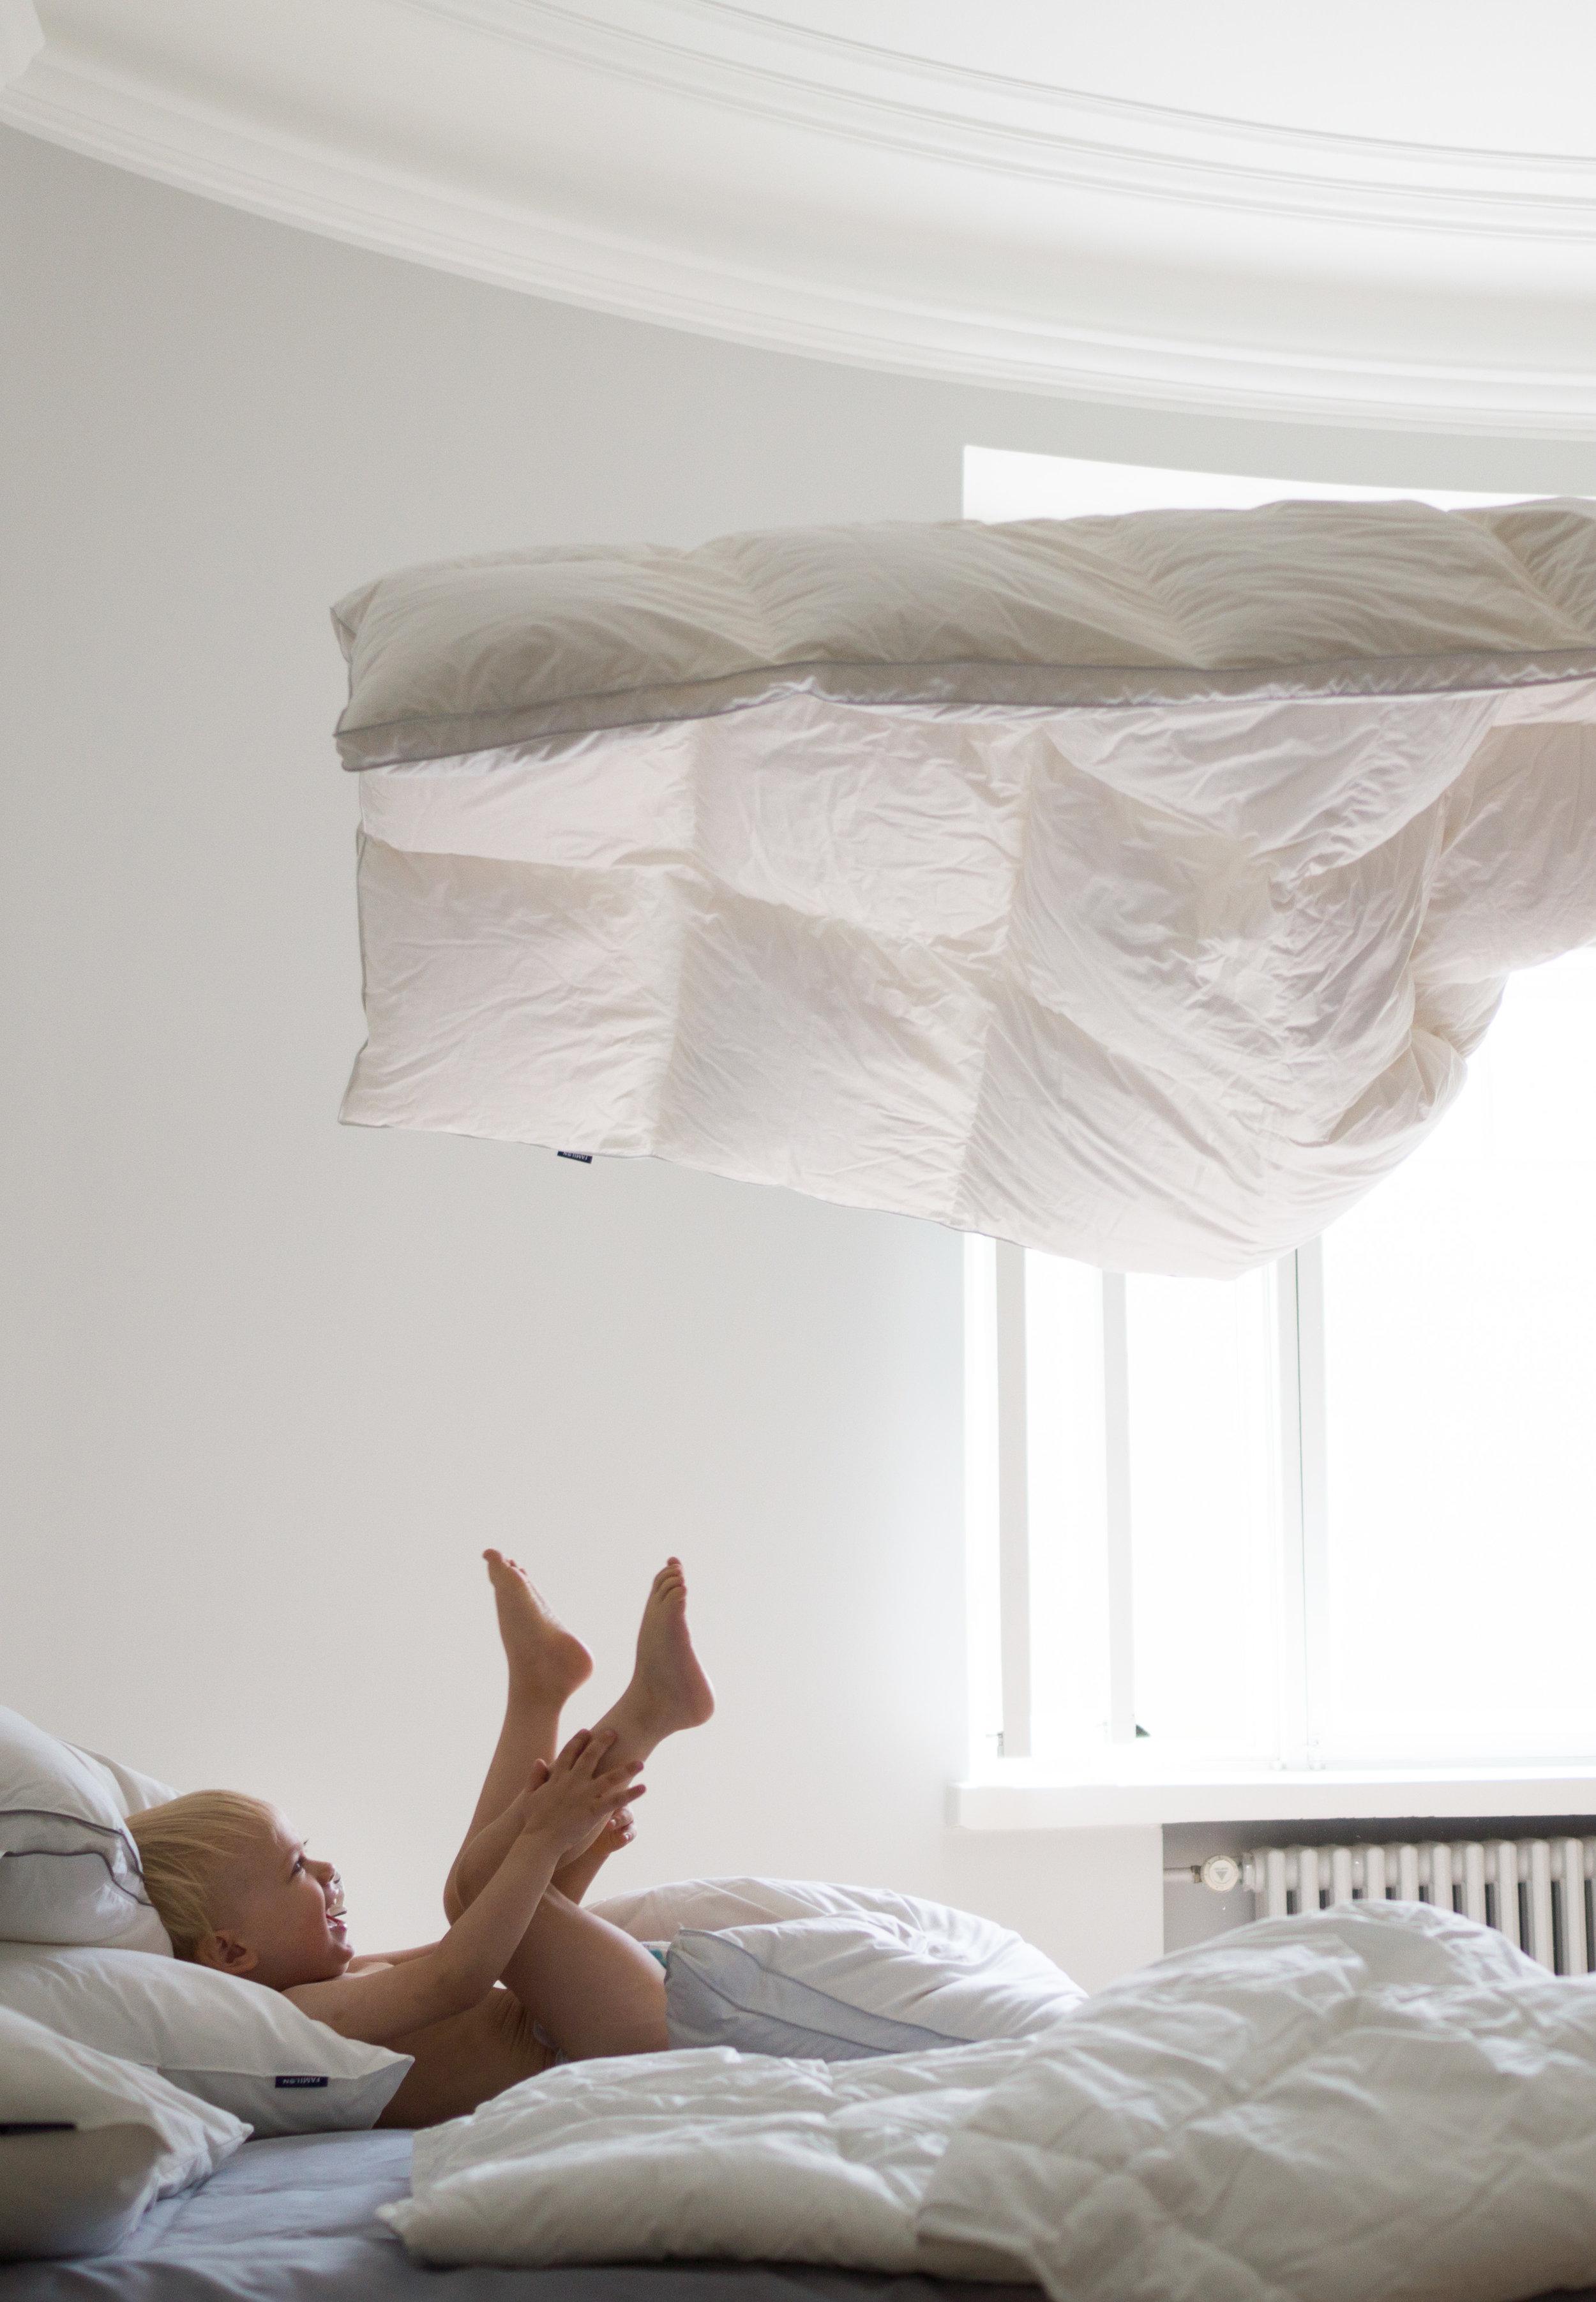 Pikkuapurilla oli hauskaa uusien muhkeiden peittojen ja tyynyjen seassa :)